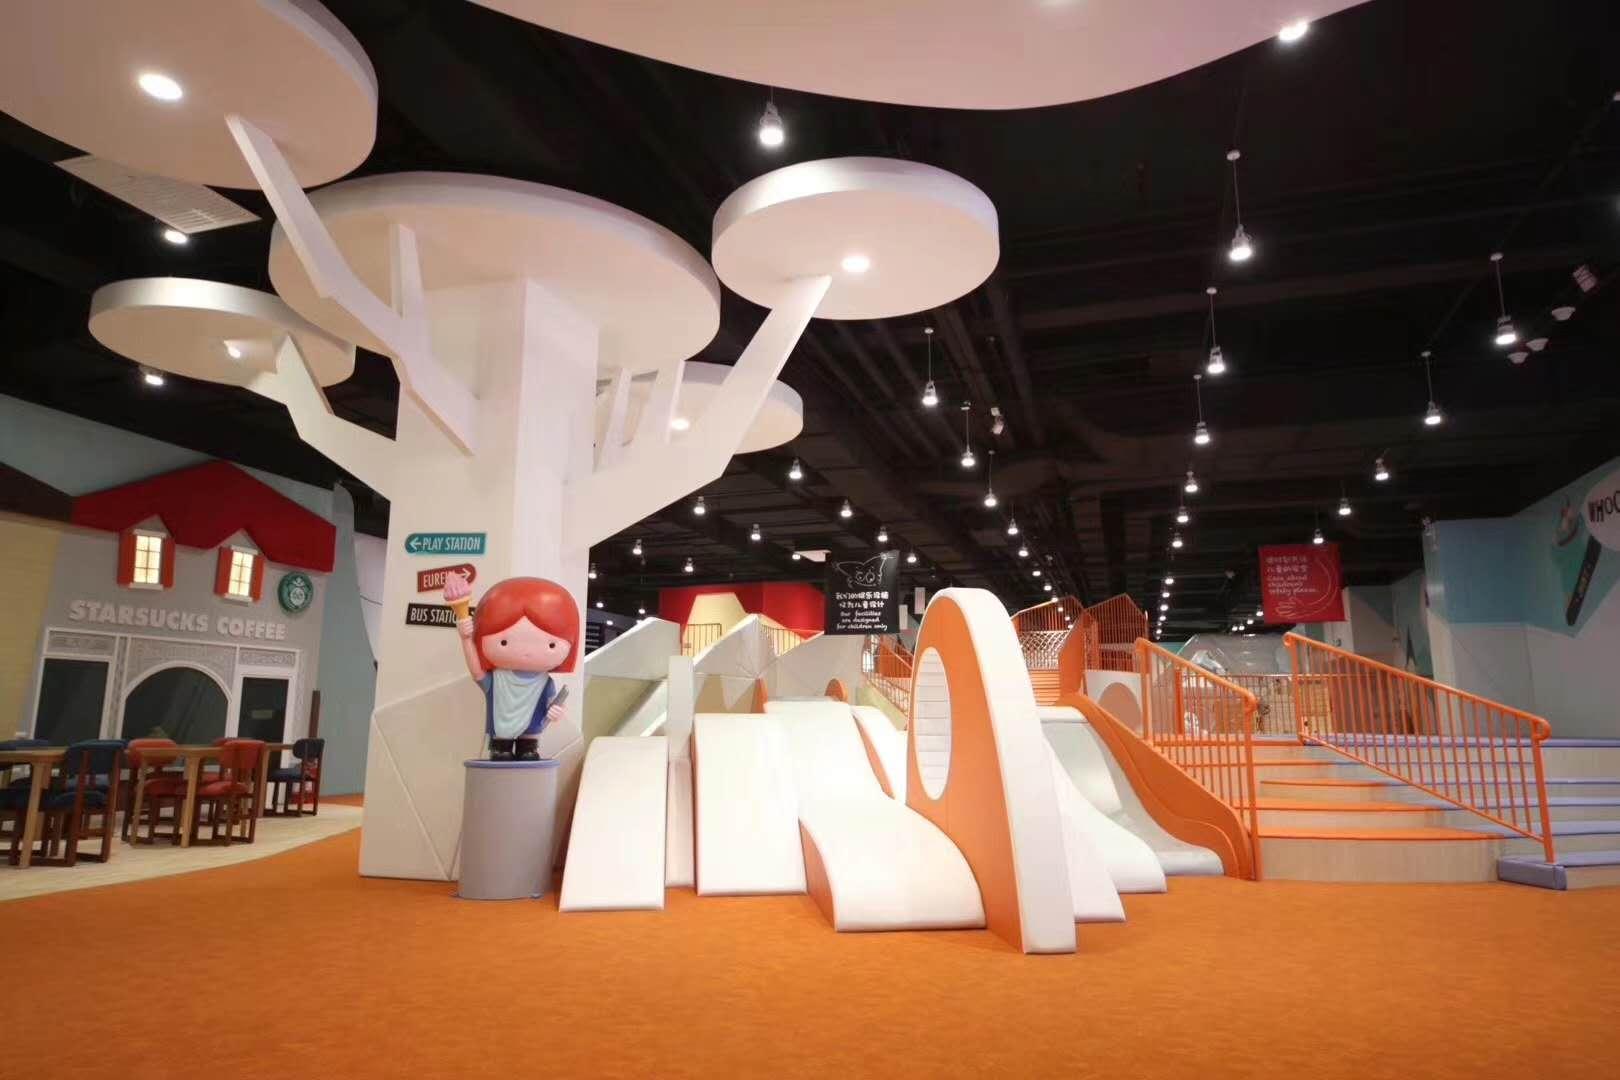 微信图片_201712201618025.jpg 西安投资一家儿童乐园都需要注意什么地方? 加盟资讯 游乐设备第4张